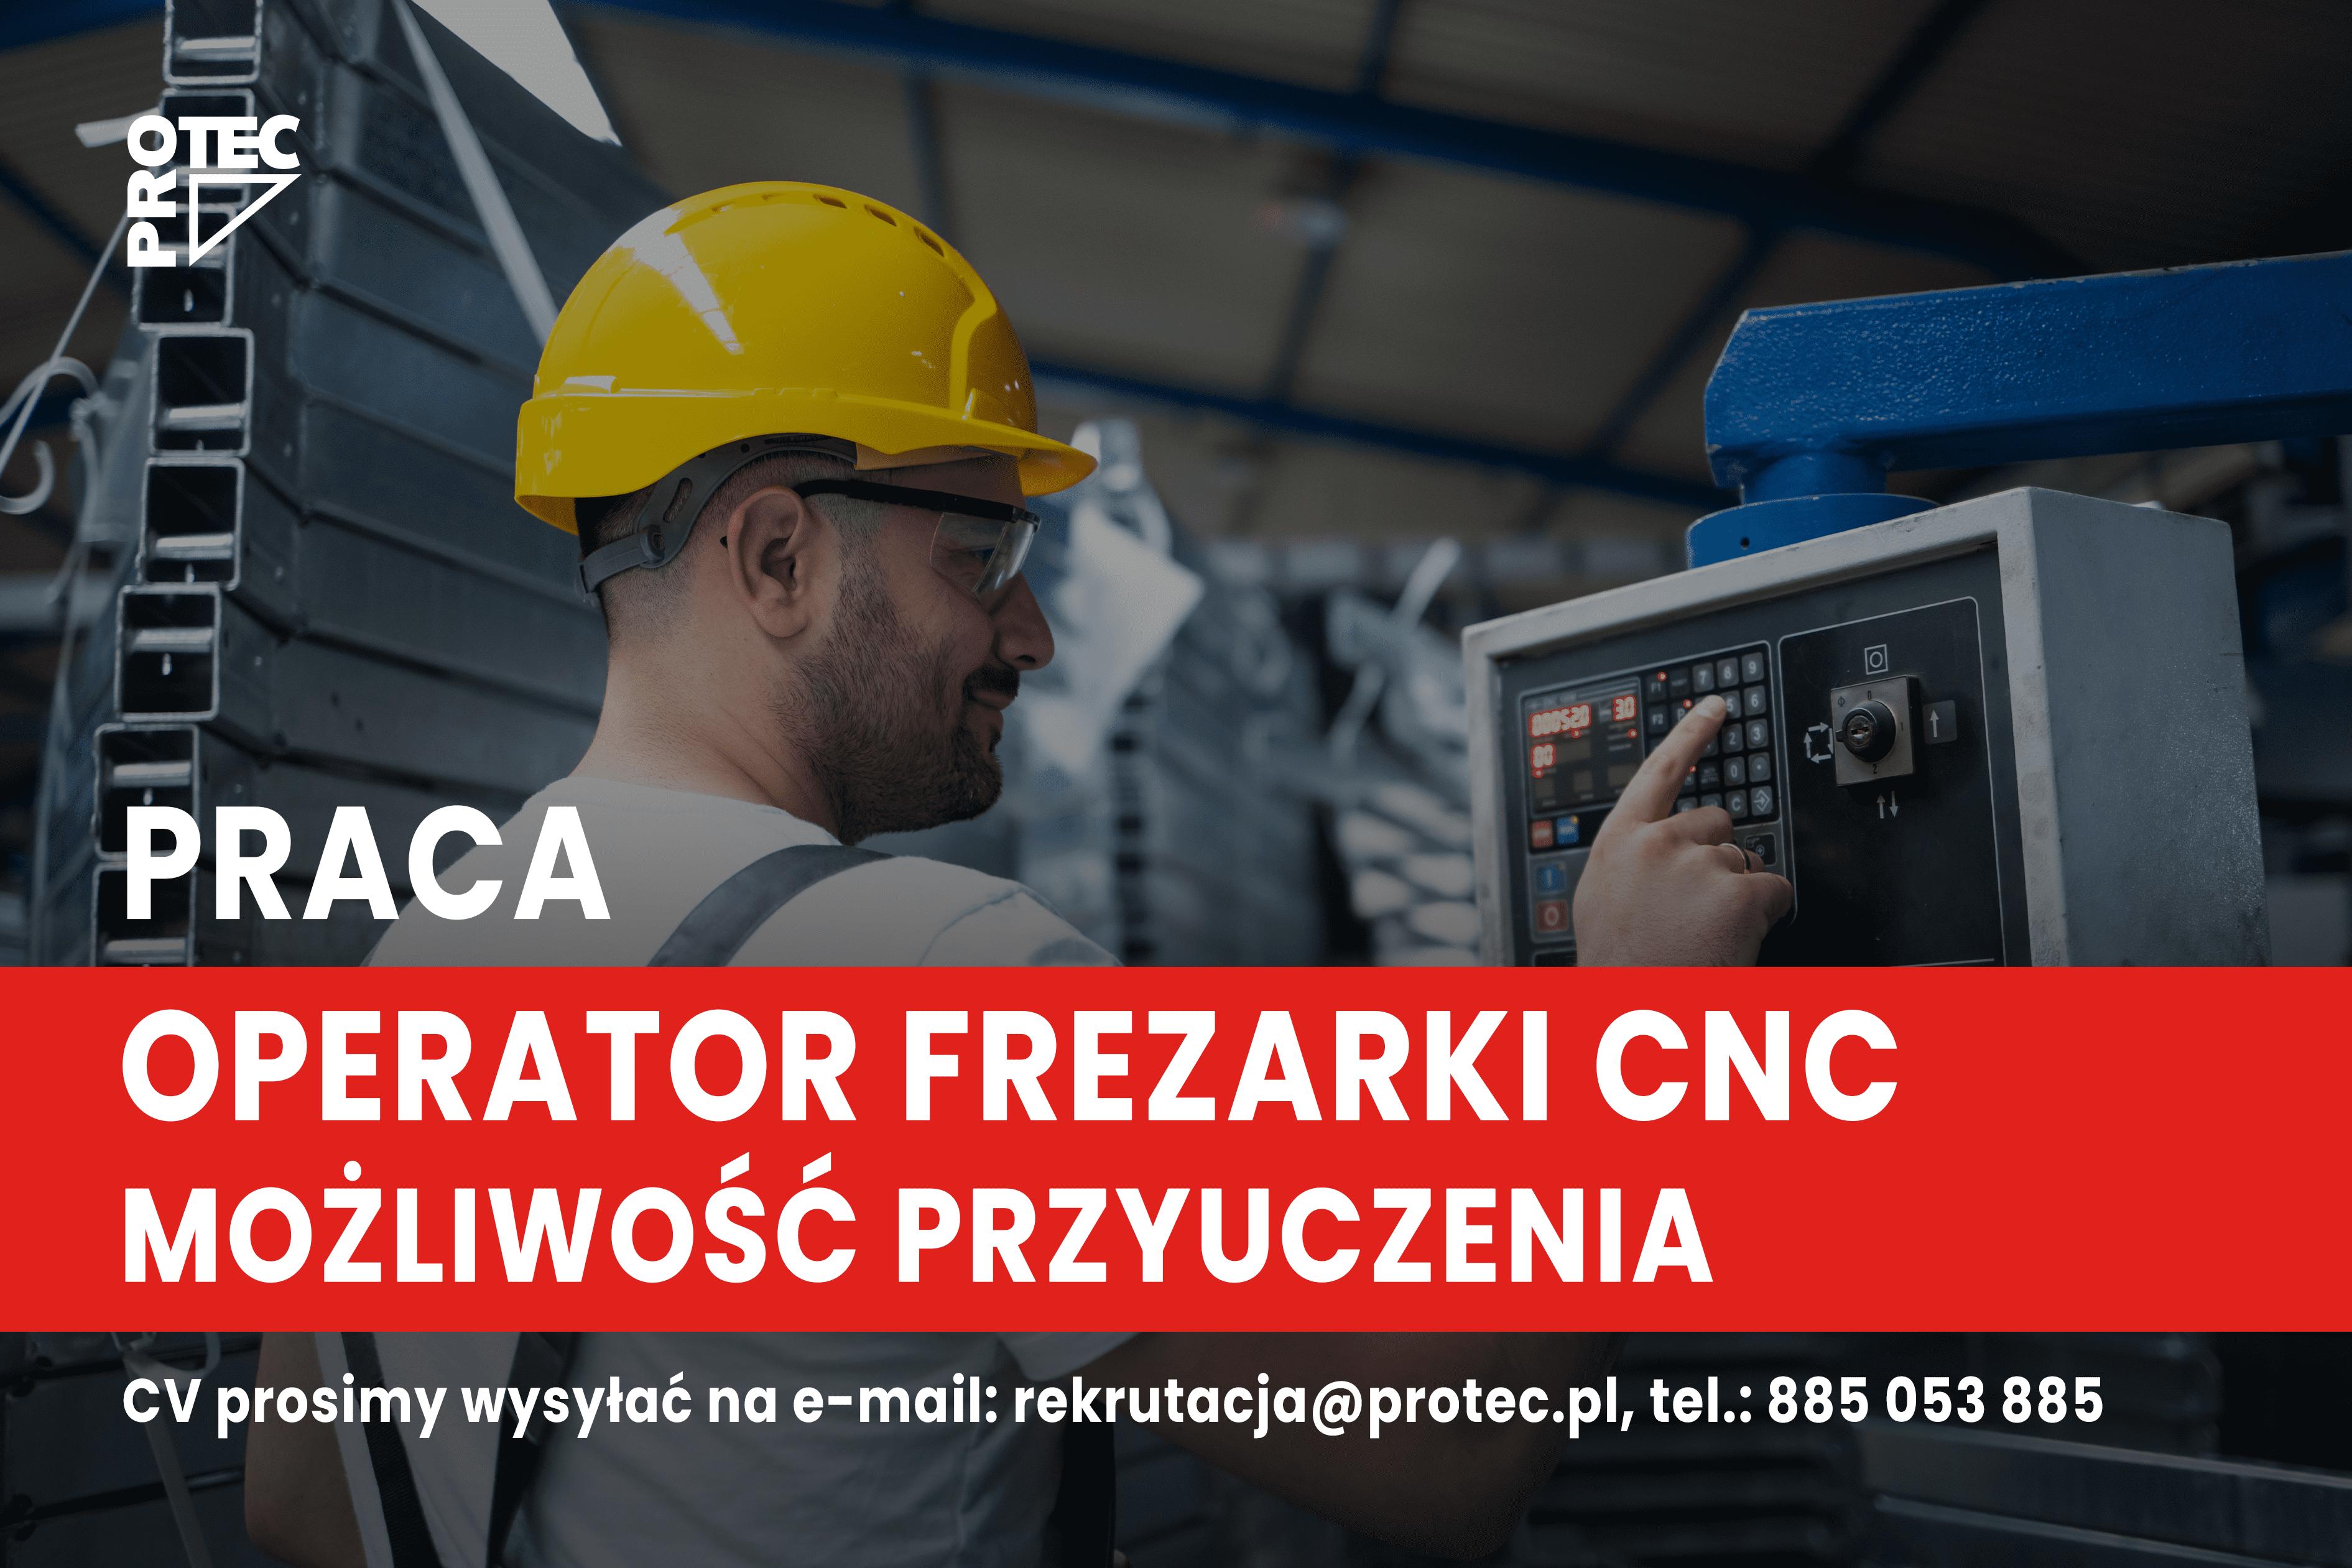 Operator frezarki CNC – także doprzyuczenia